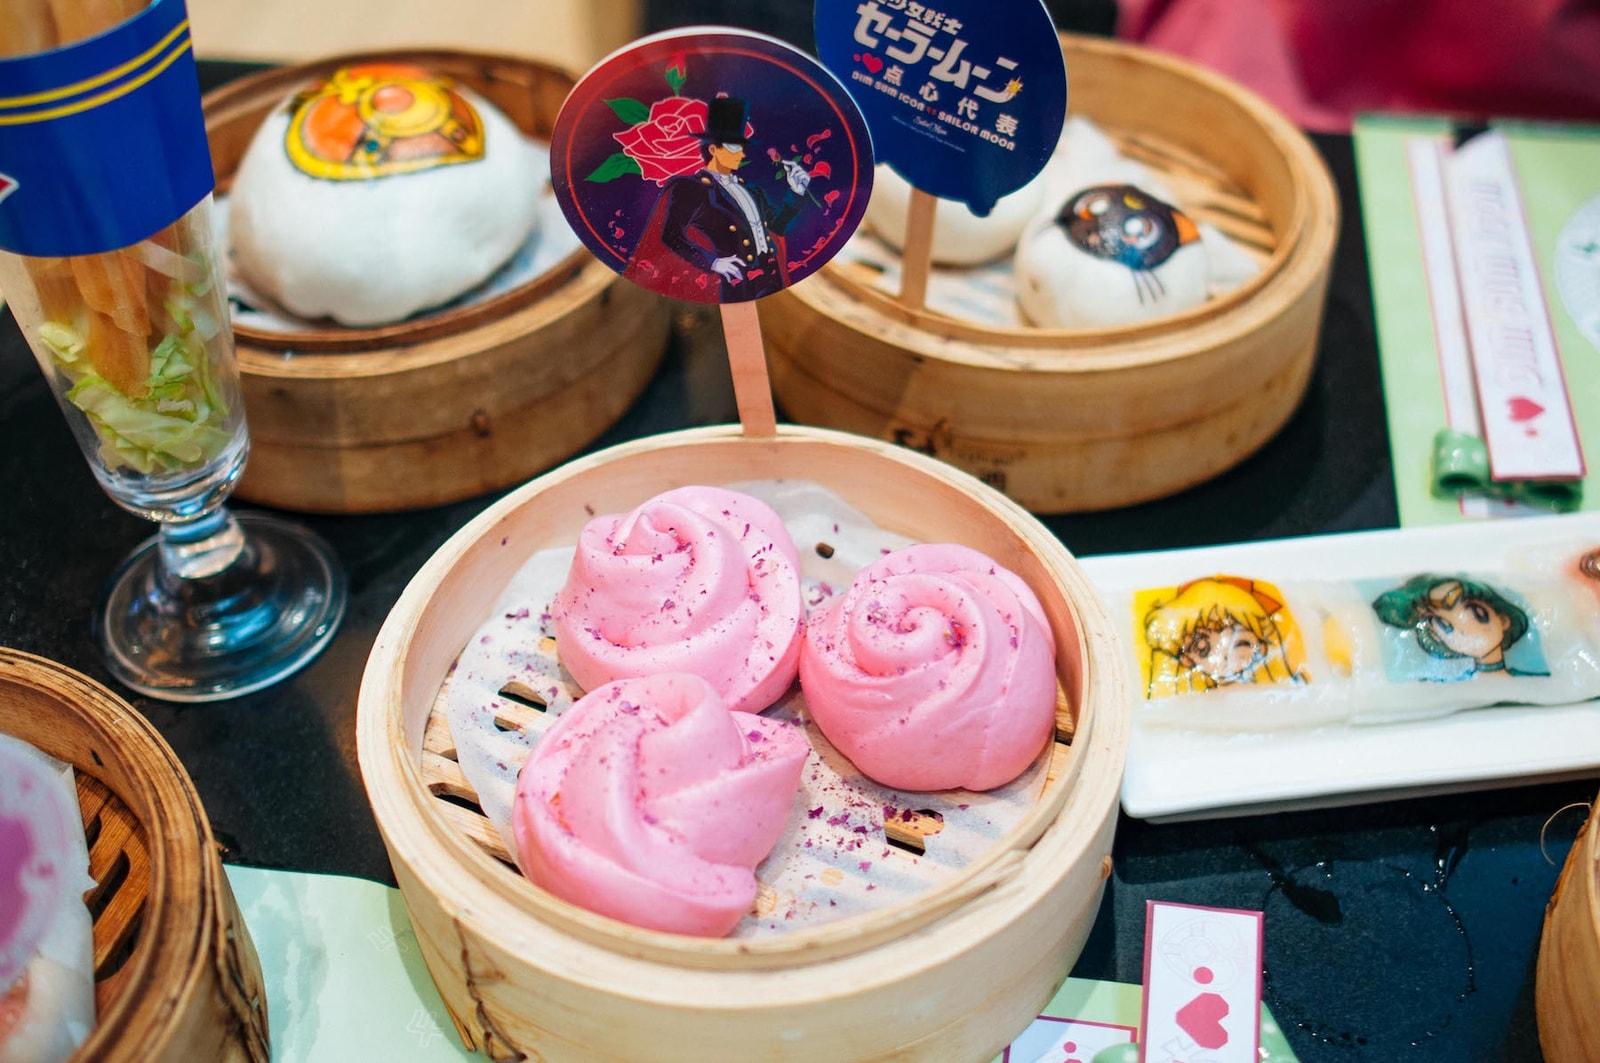 Sailor Moon Dim Sum Brunch Review Cartoon Dim Sum Icon Hong Kong Anime Food